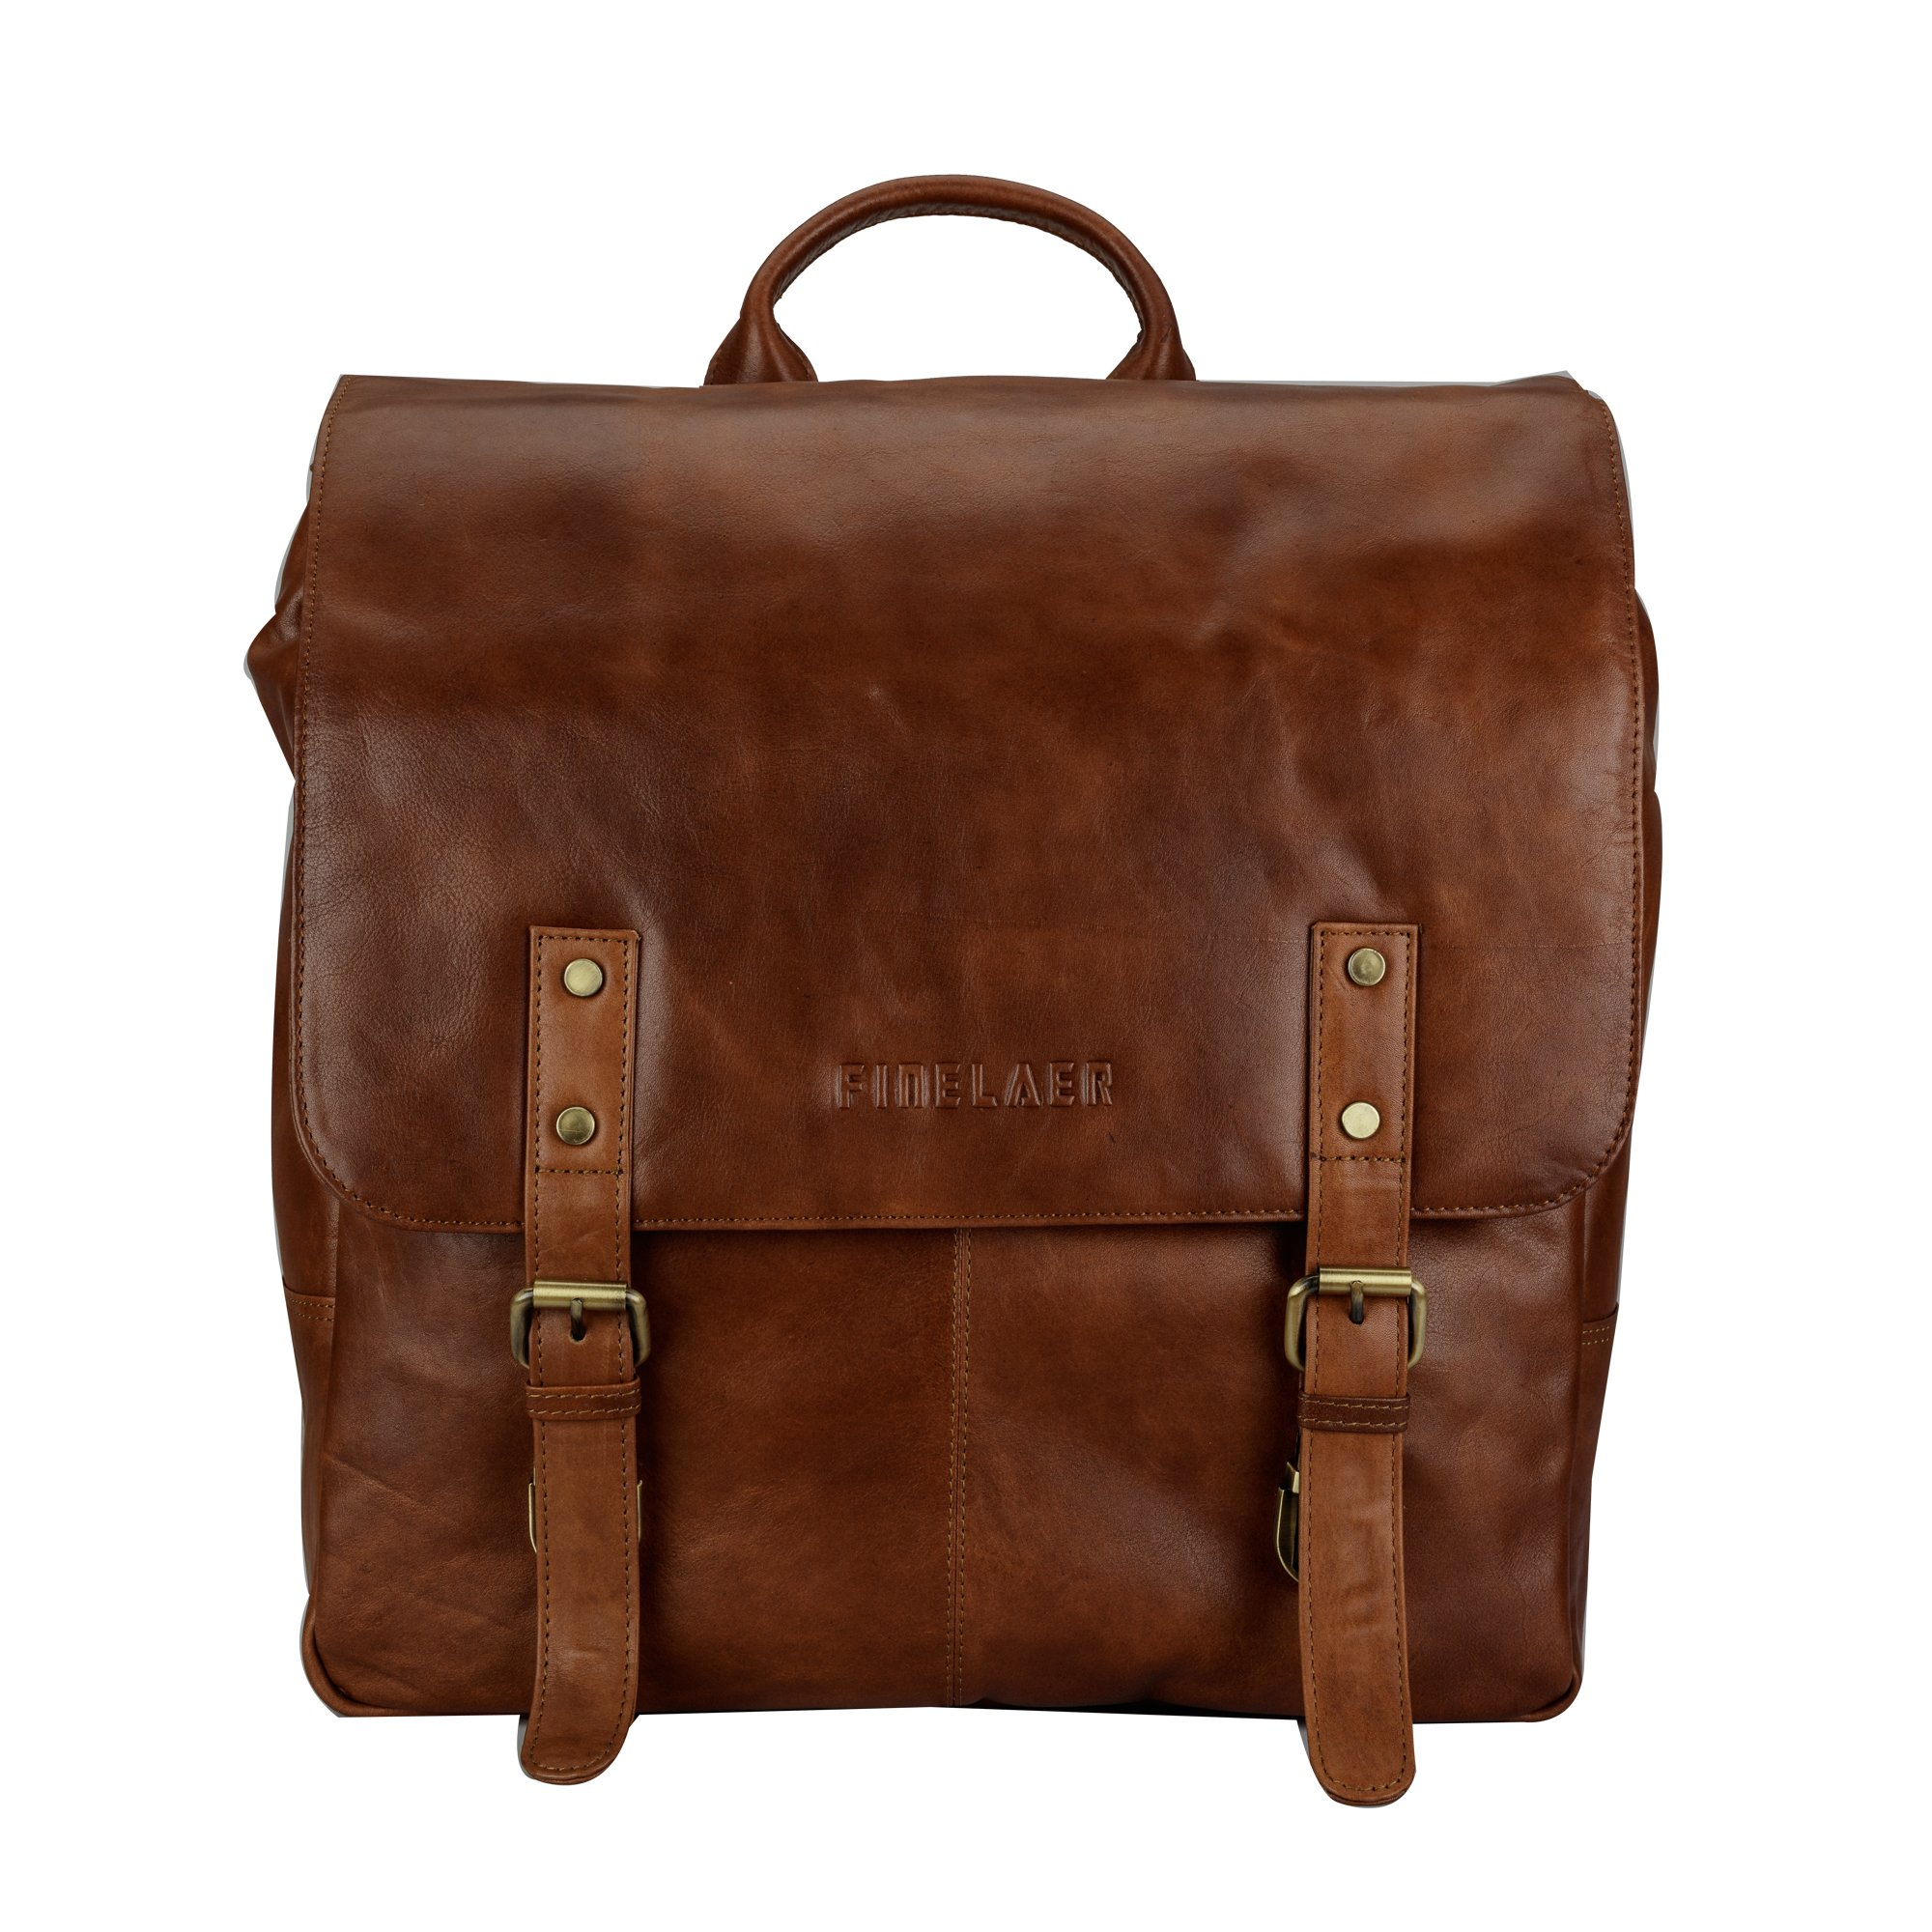 Finelaer Vintage Brown Laptop Backpack Daypack Rucksack Travel Hiking Bag Men Women by FINELAER